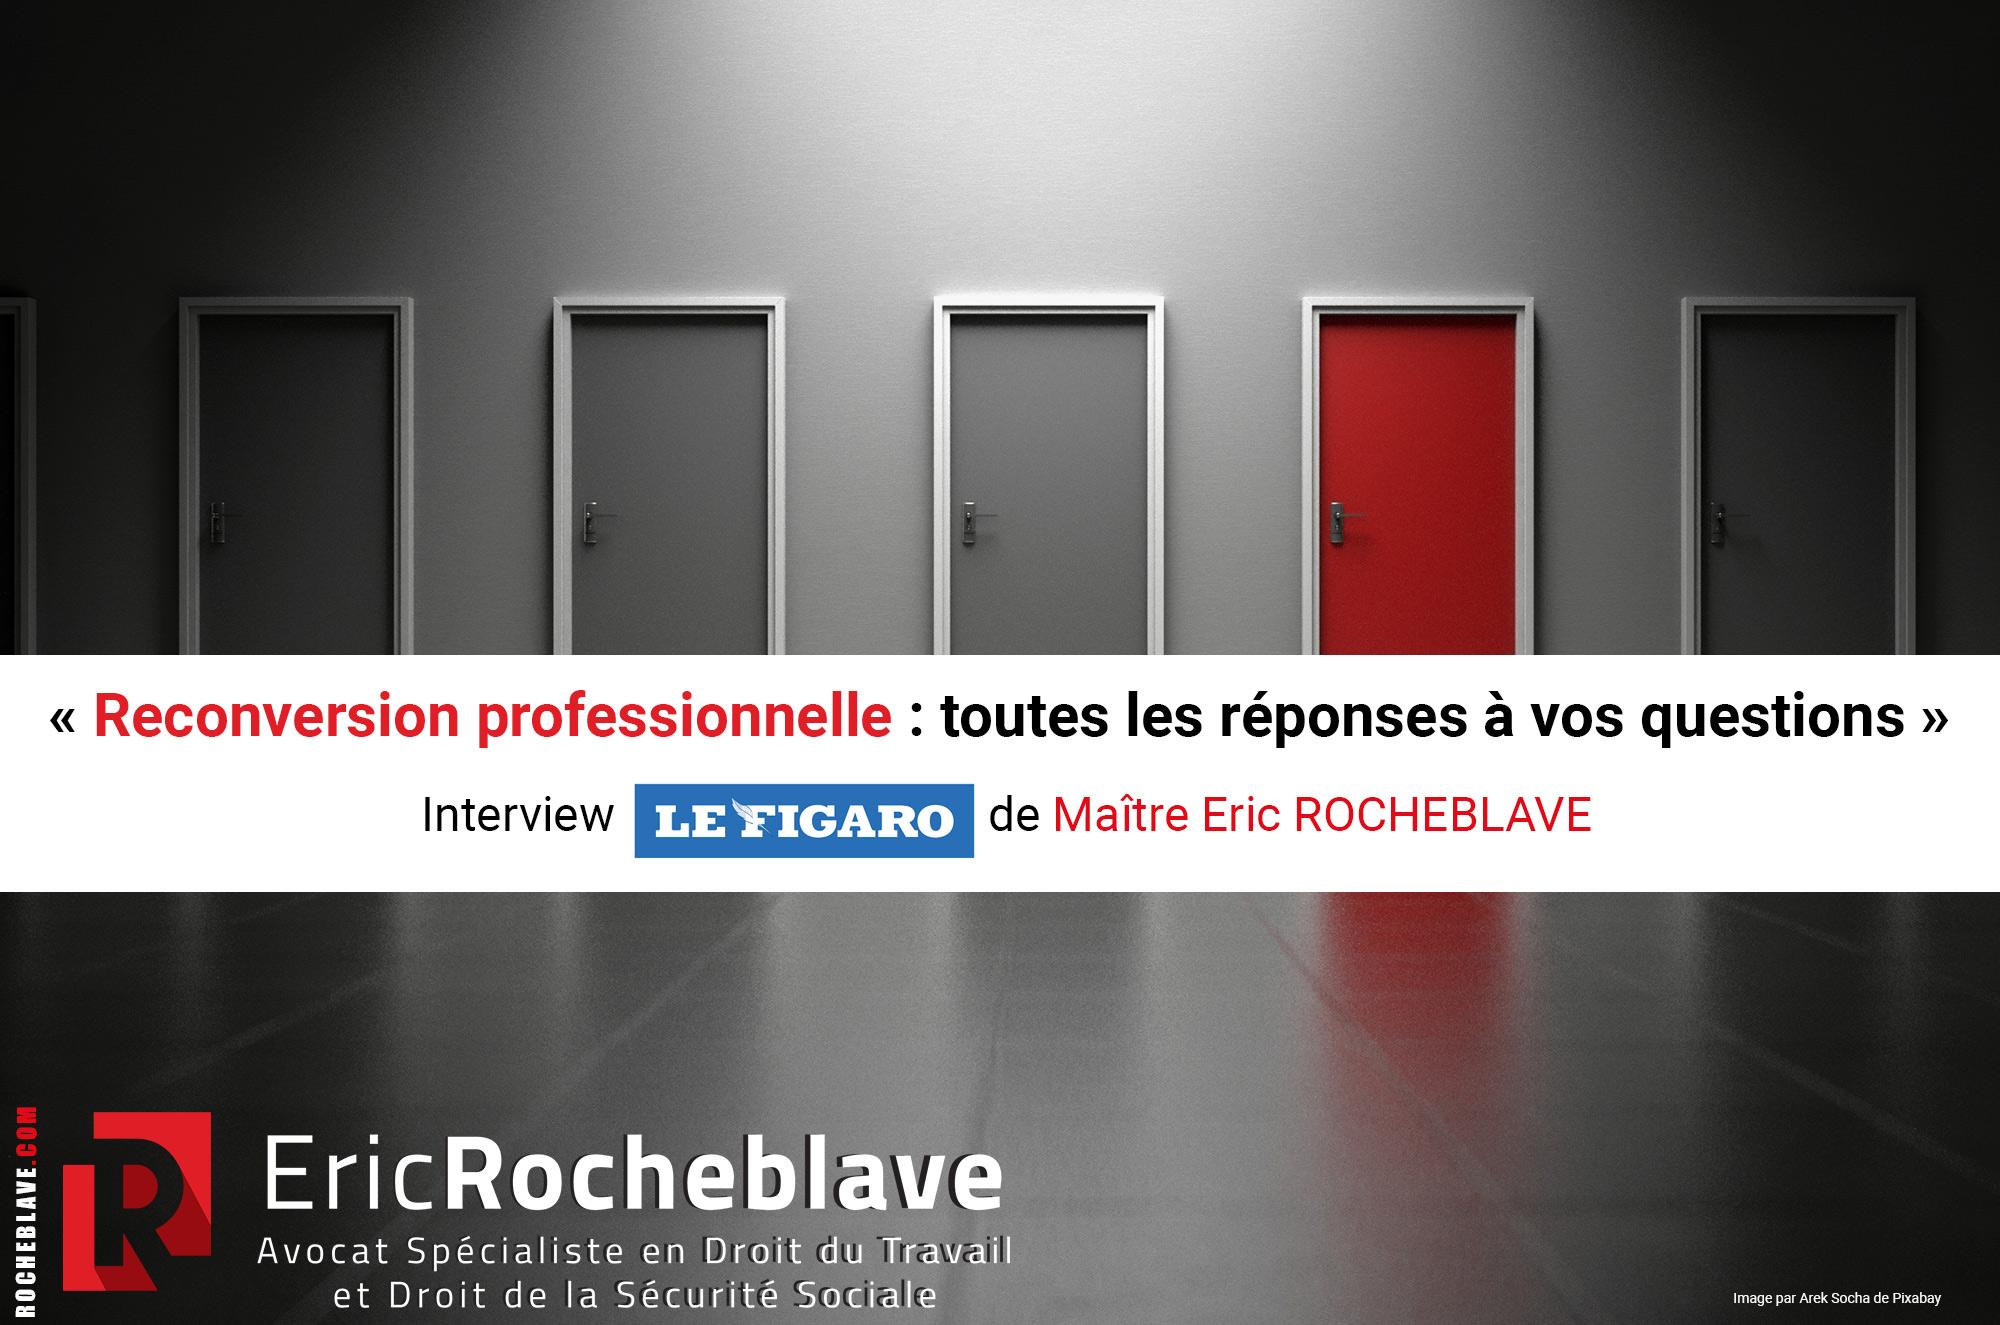 « Reconversion professionnelle : toutes les réponses à vos questions » Interview Le Figaro de Maître Eric ROCHEBLAVE